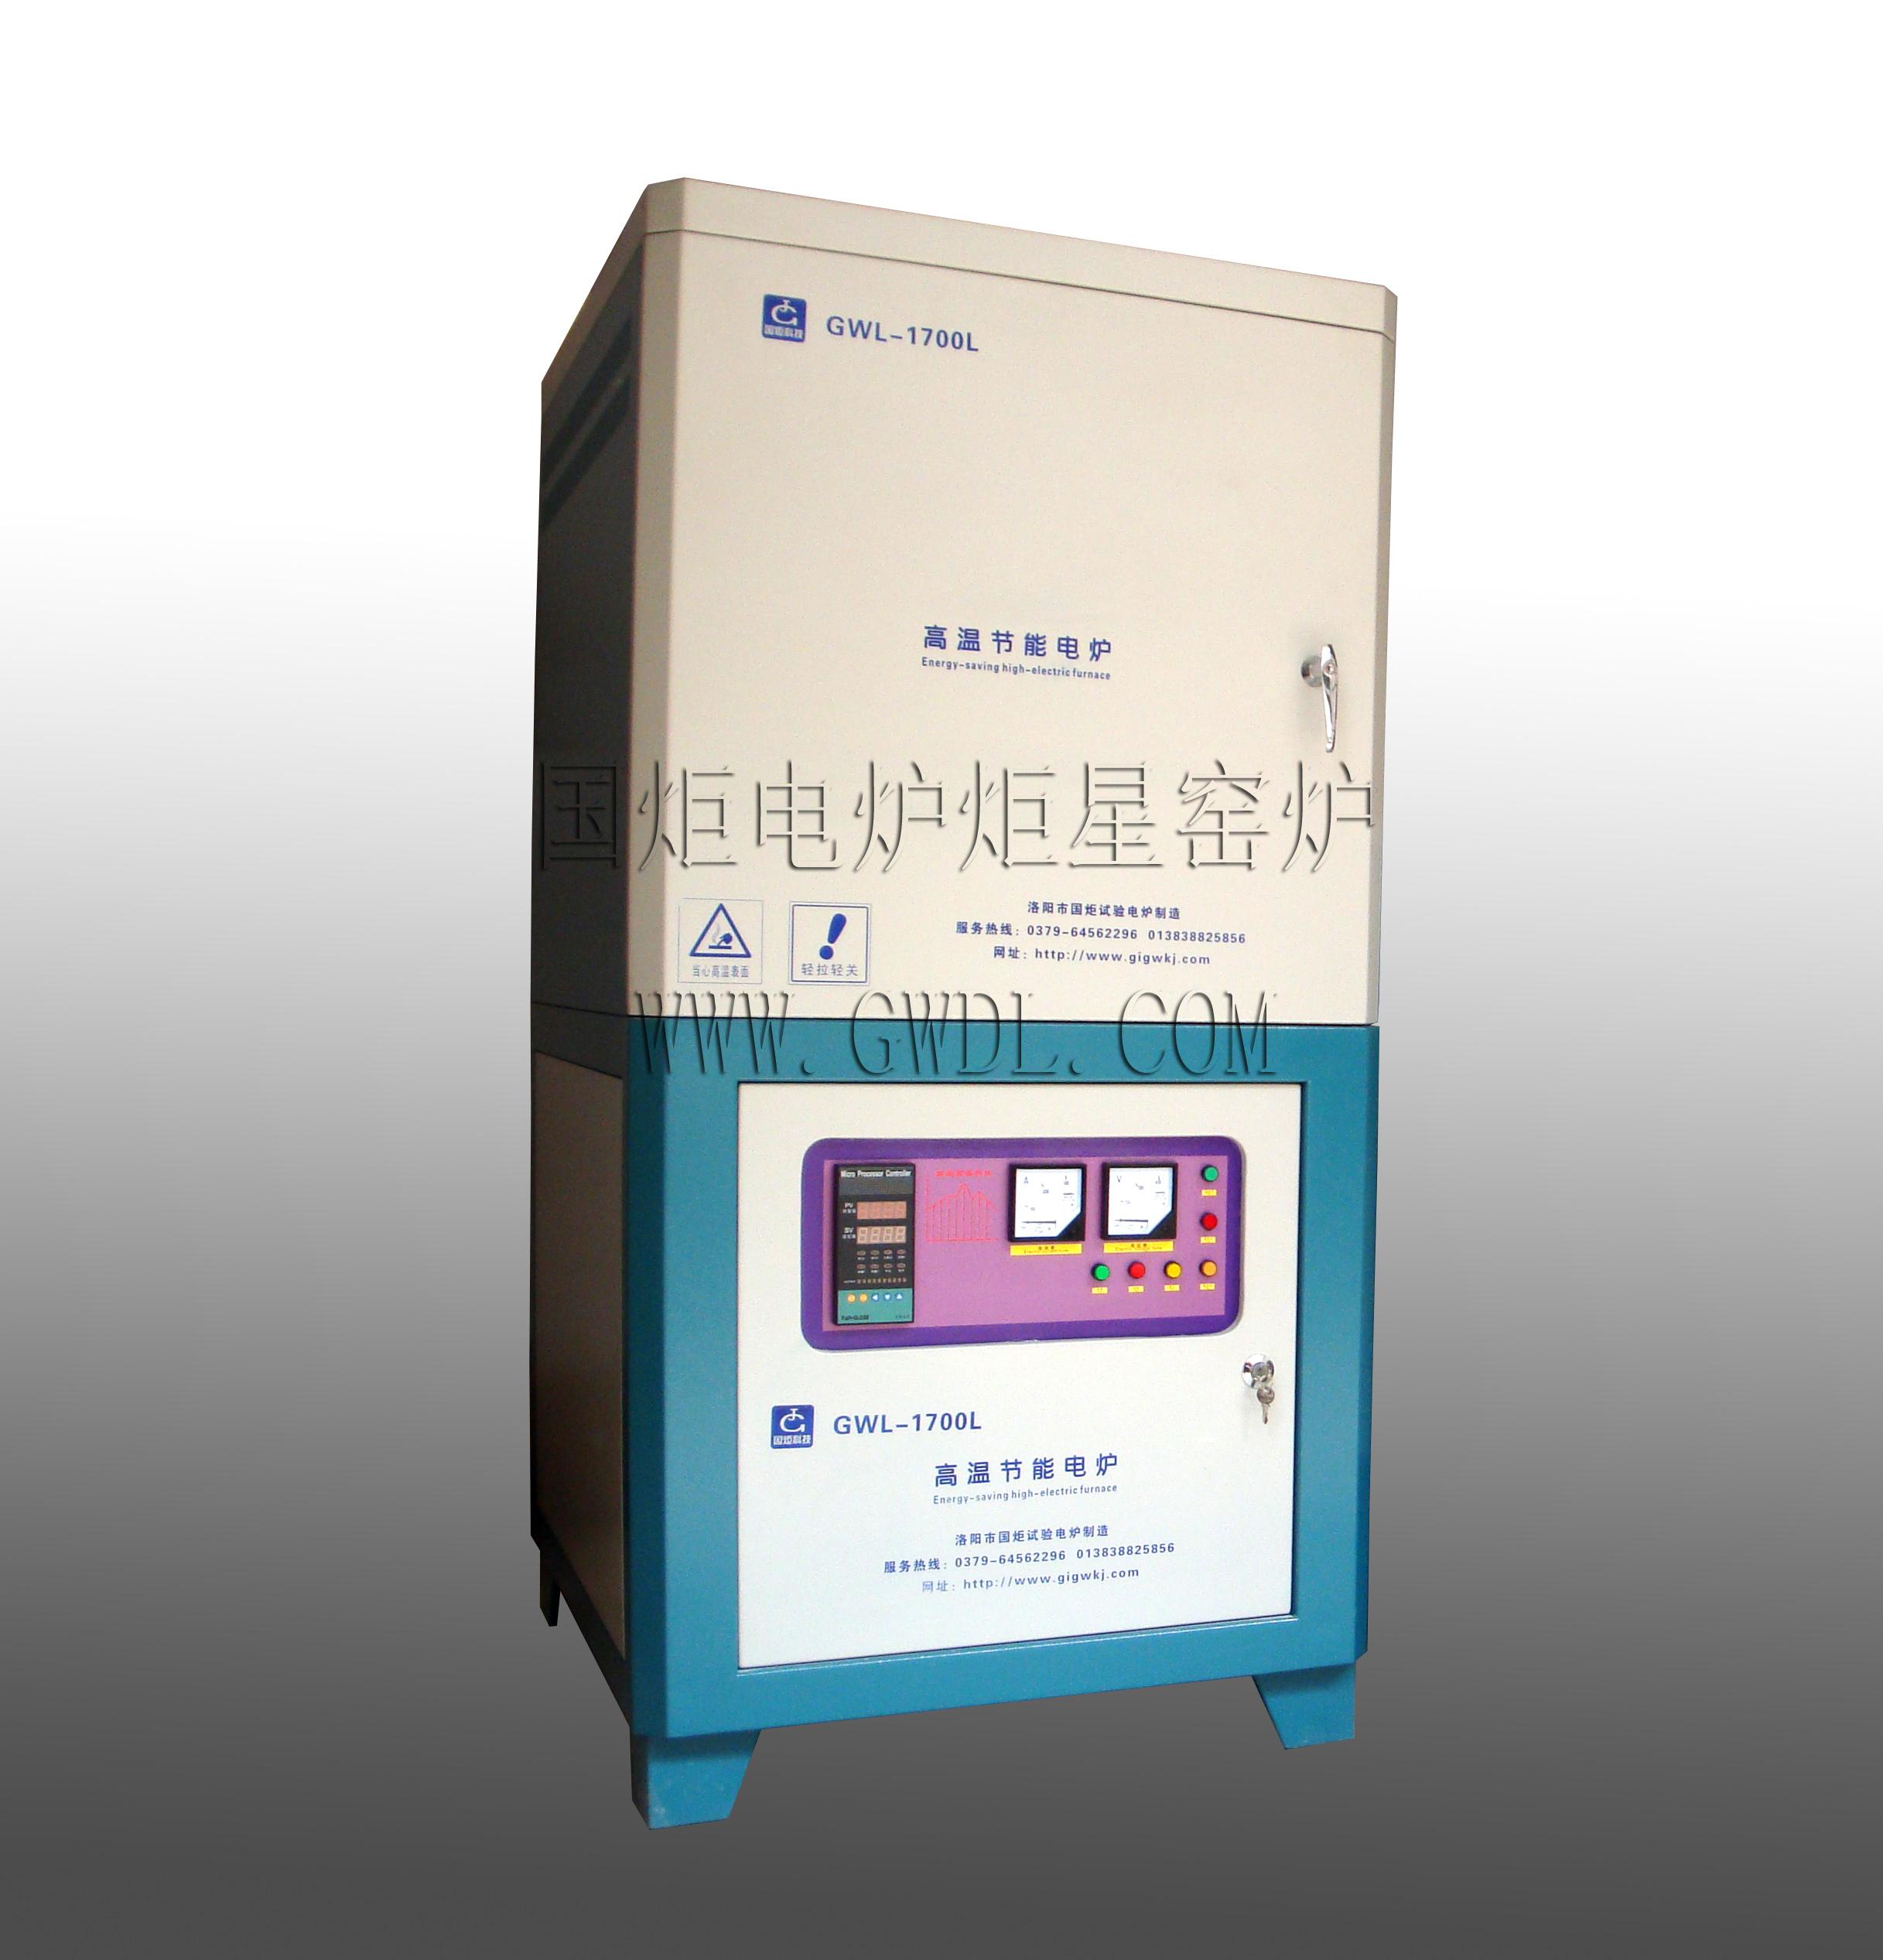 高温电炉国家标准名称和标准号